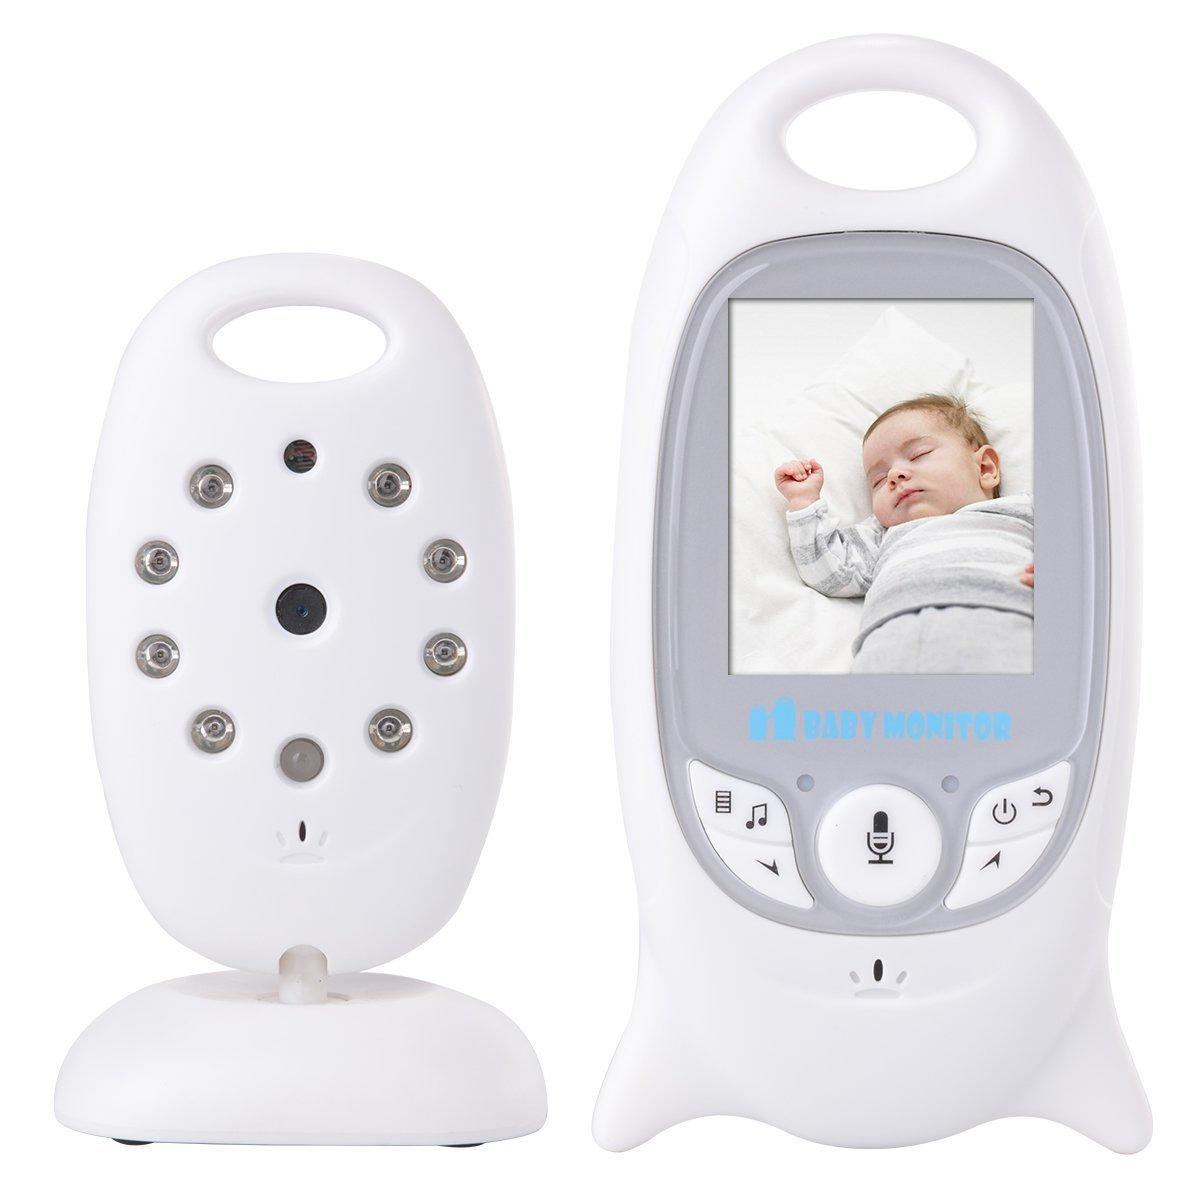 USBONLINE Baby Monitor LCD a Colori Wireless Digitale Videocamera IR LED Citofono Visione Notturna Monitoraggio Temperatura 8 Ninnananne Batteria Ricaricabile per Bambini Videosorveglianza Sicurezza product image